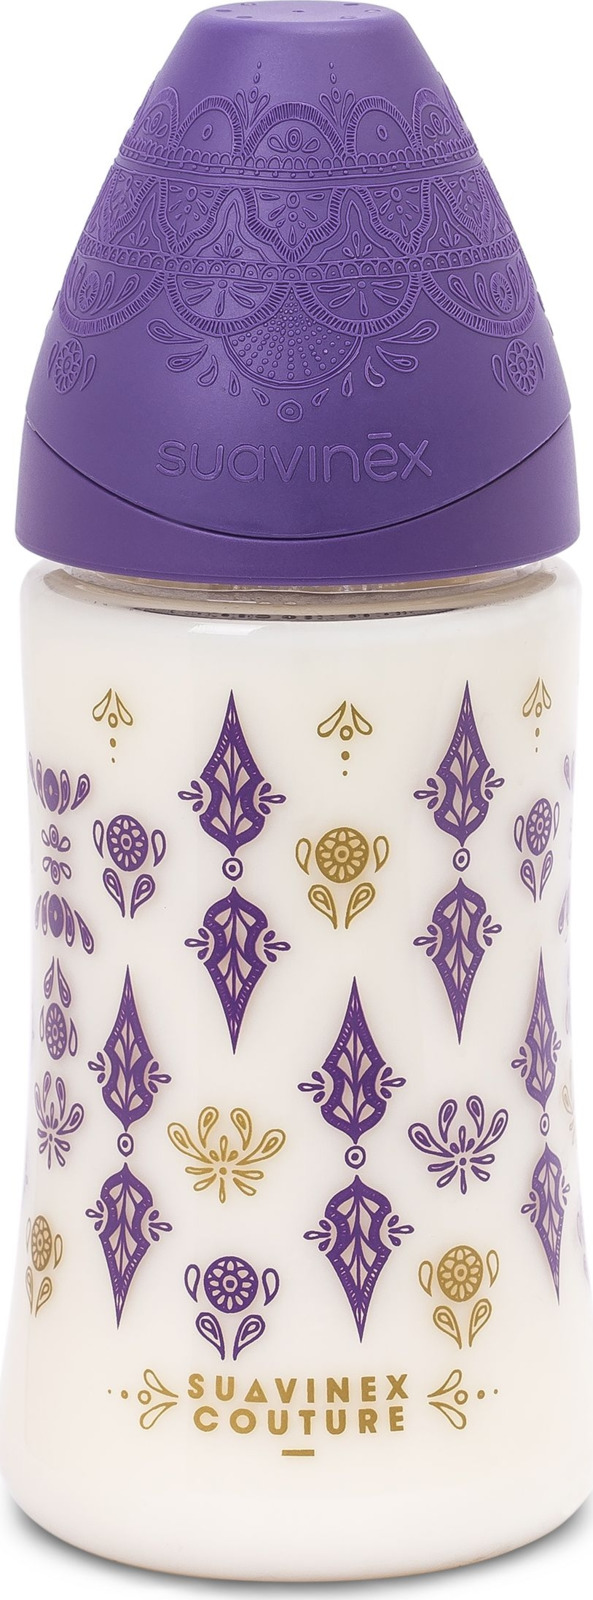 Бутылочка для кормления Suavinex Haute Couture, от 0 месяцев, с силиконовой круглой соской, 3162102, фиолетовый, 270 мл цена